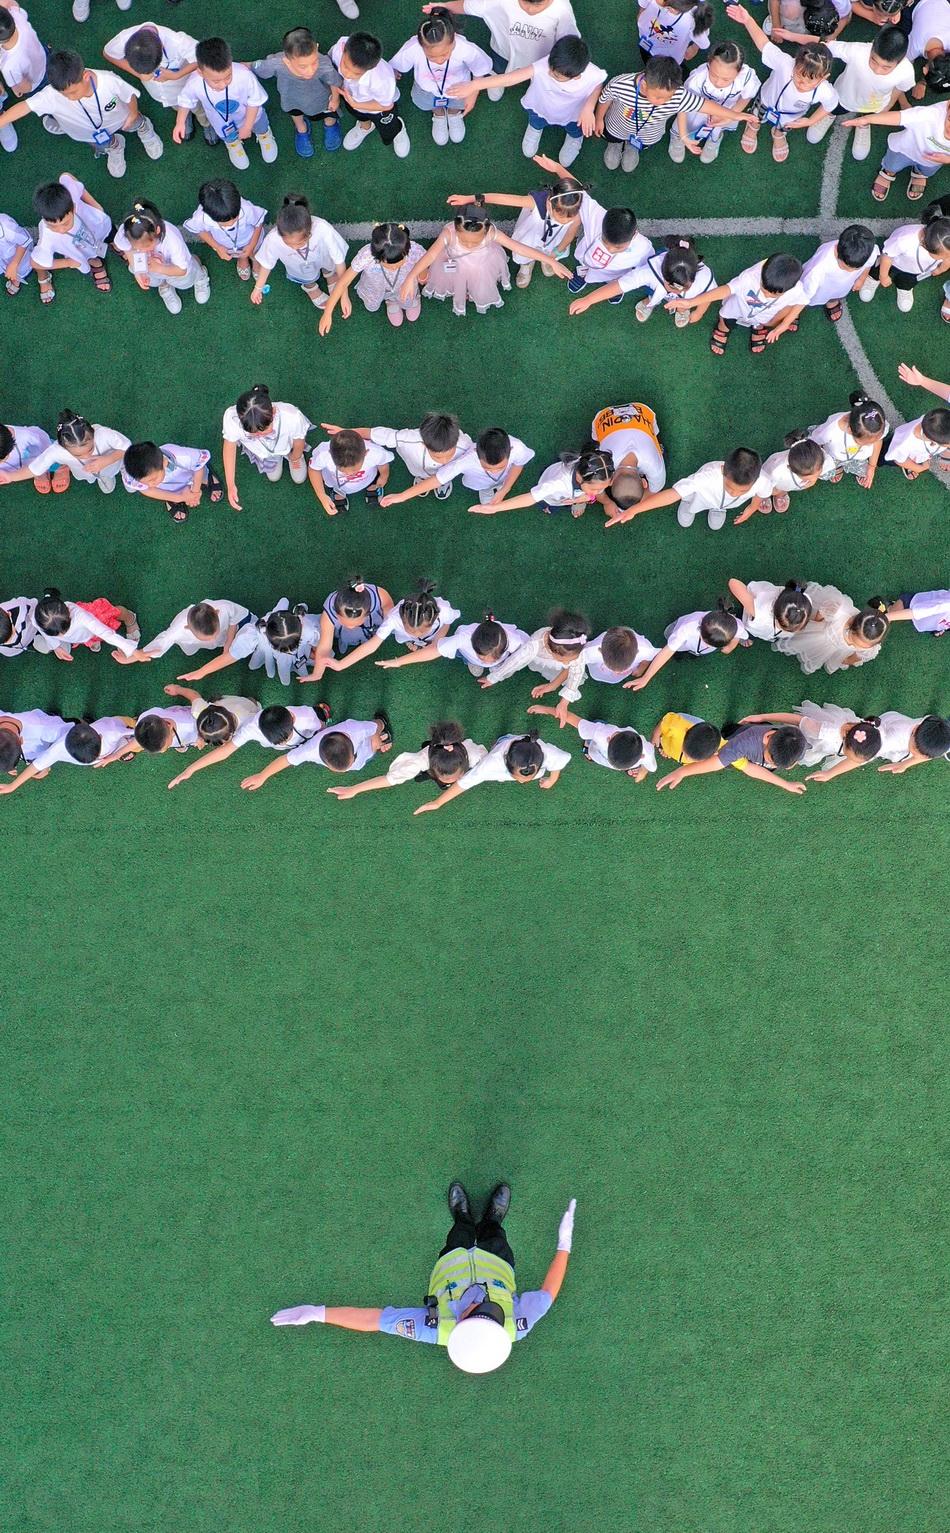 8月30日,浙江省臺州市仙居縣公安局交警大隊民警向一年級新生們宣講交通法規、安全防范、標志標線等方面的交通安全法規及常識。